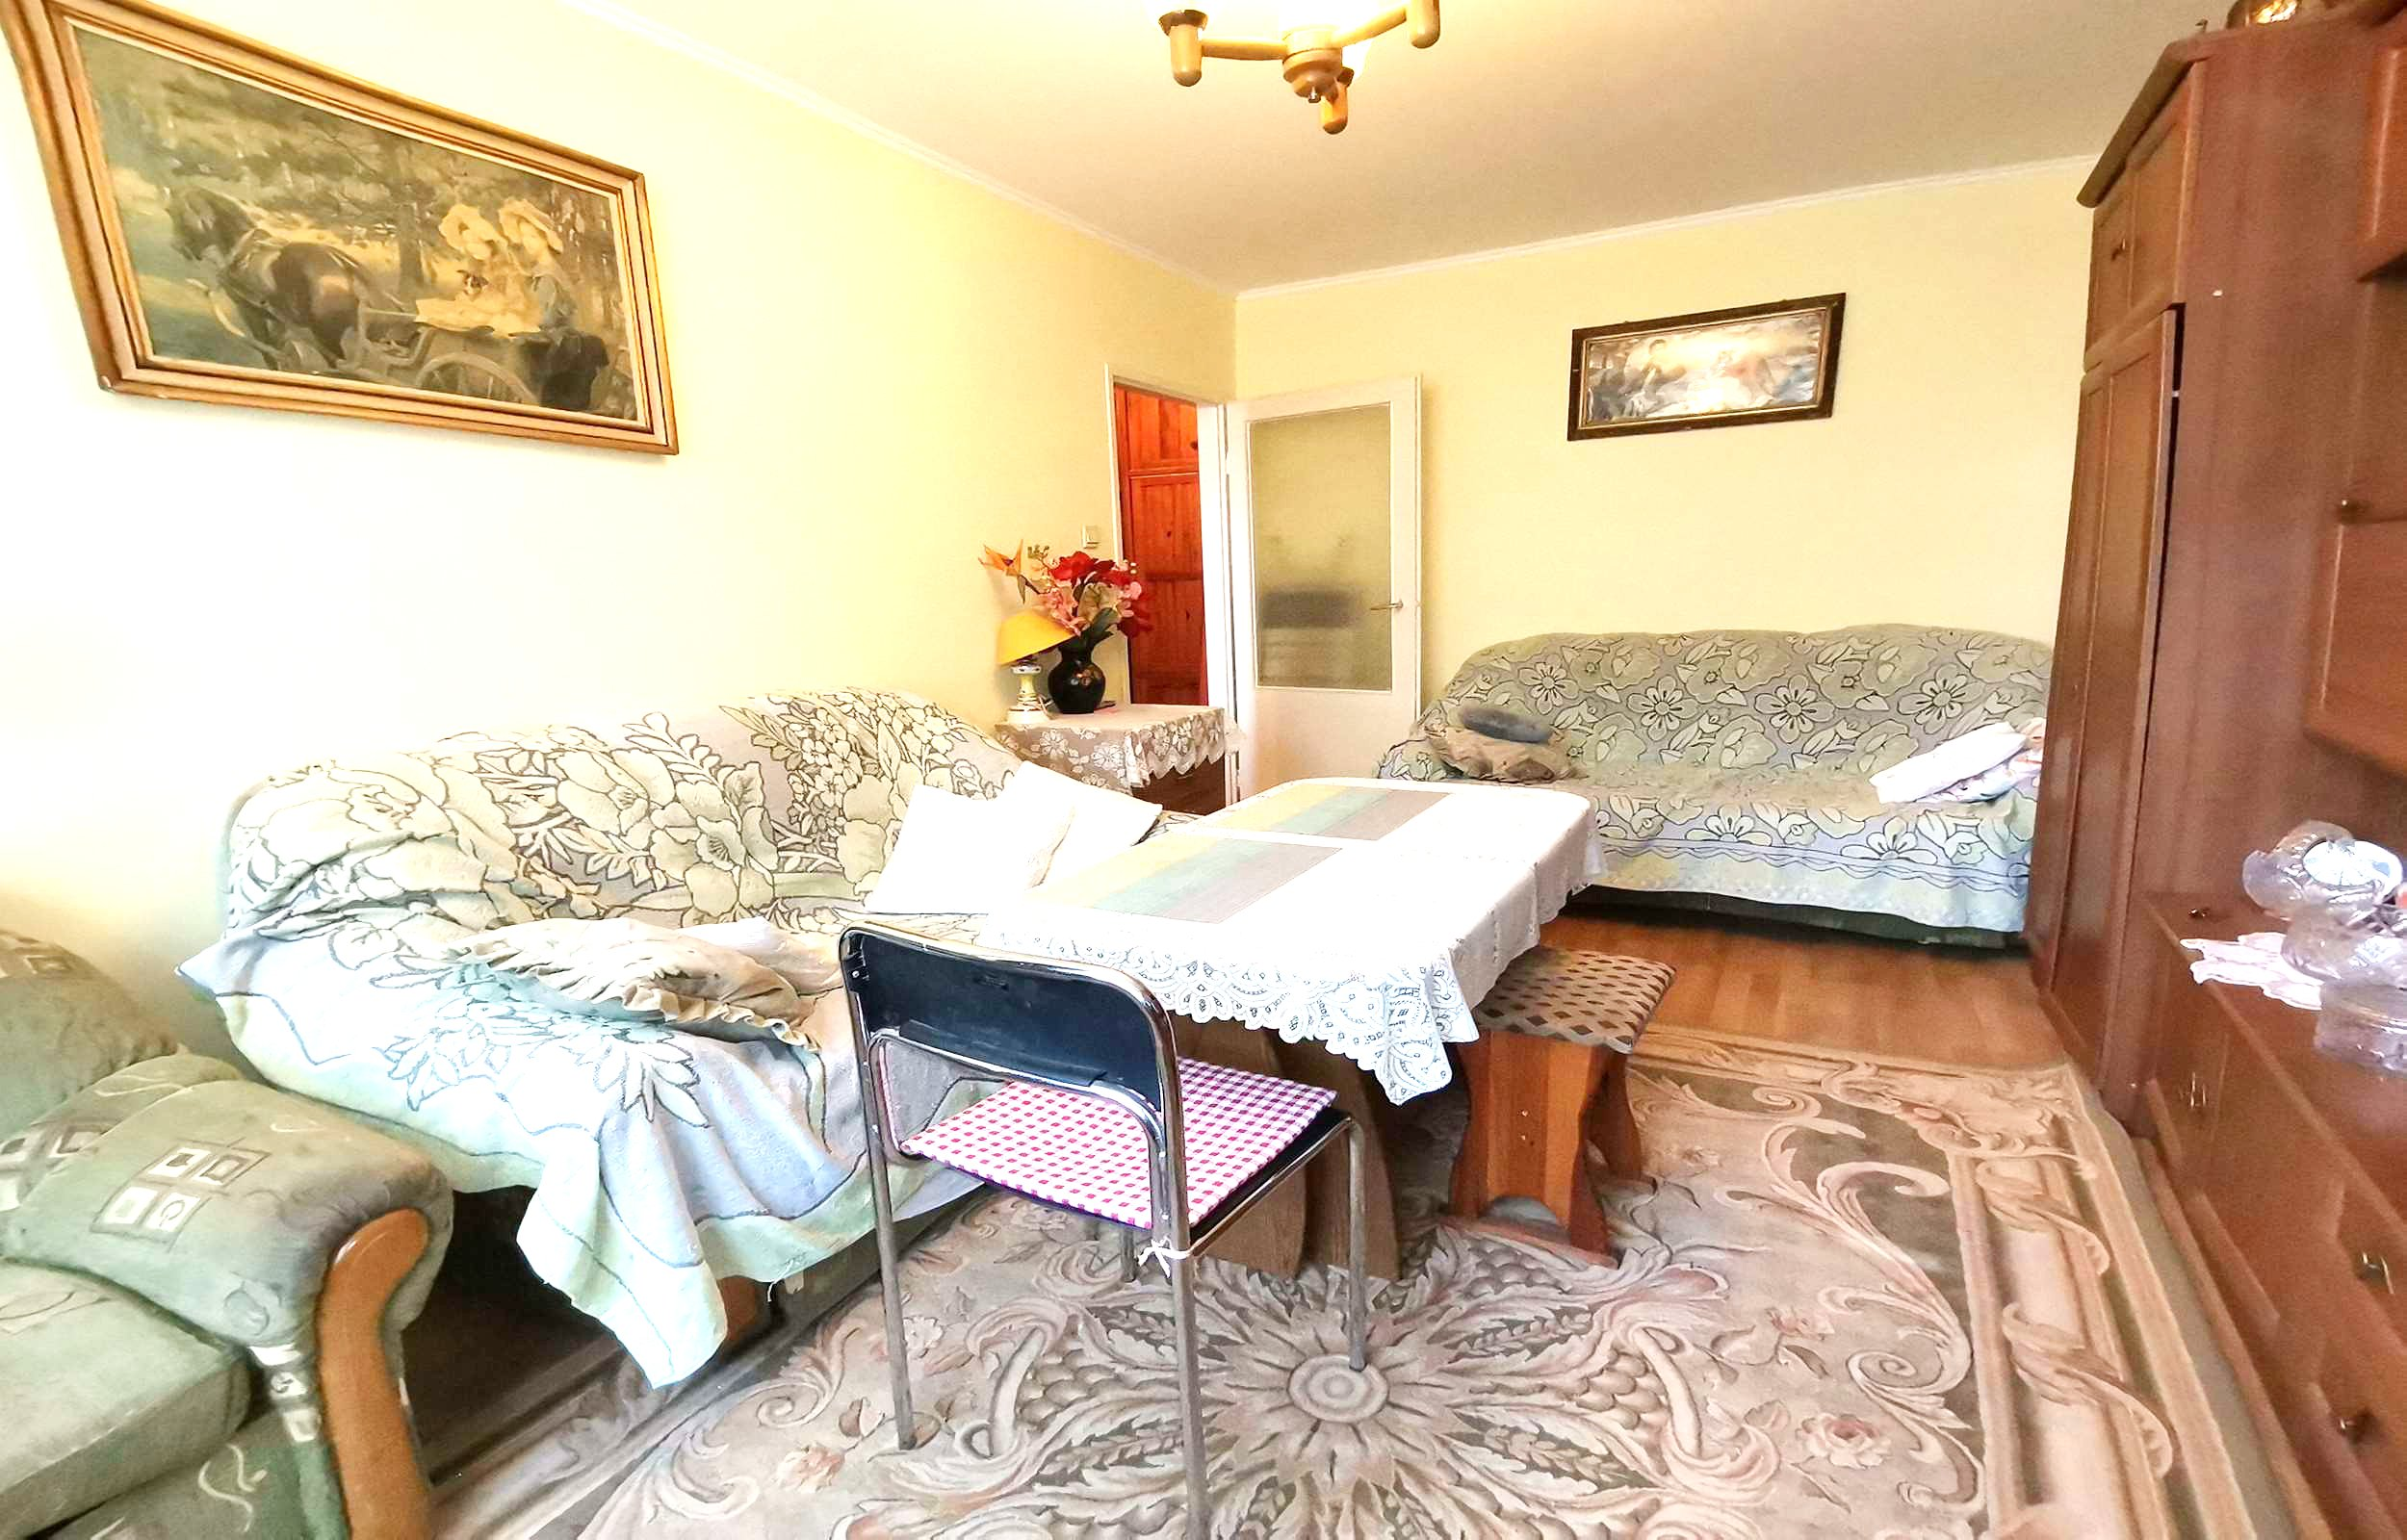 mieszkanie zamosc orzeszkowa - mieszkanie na sprzedaż - Krzysztof Górski Nieruchomości Zamość